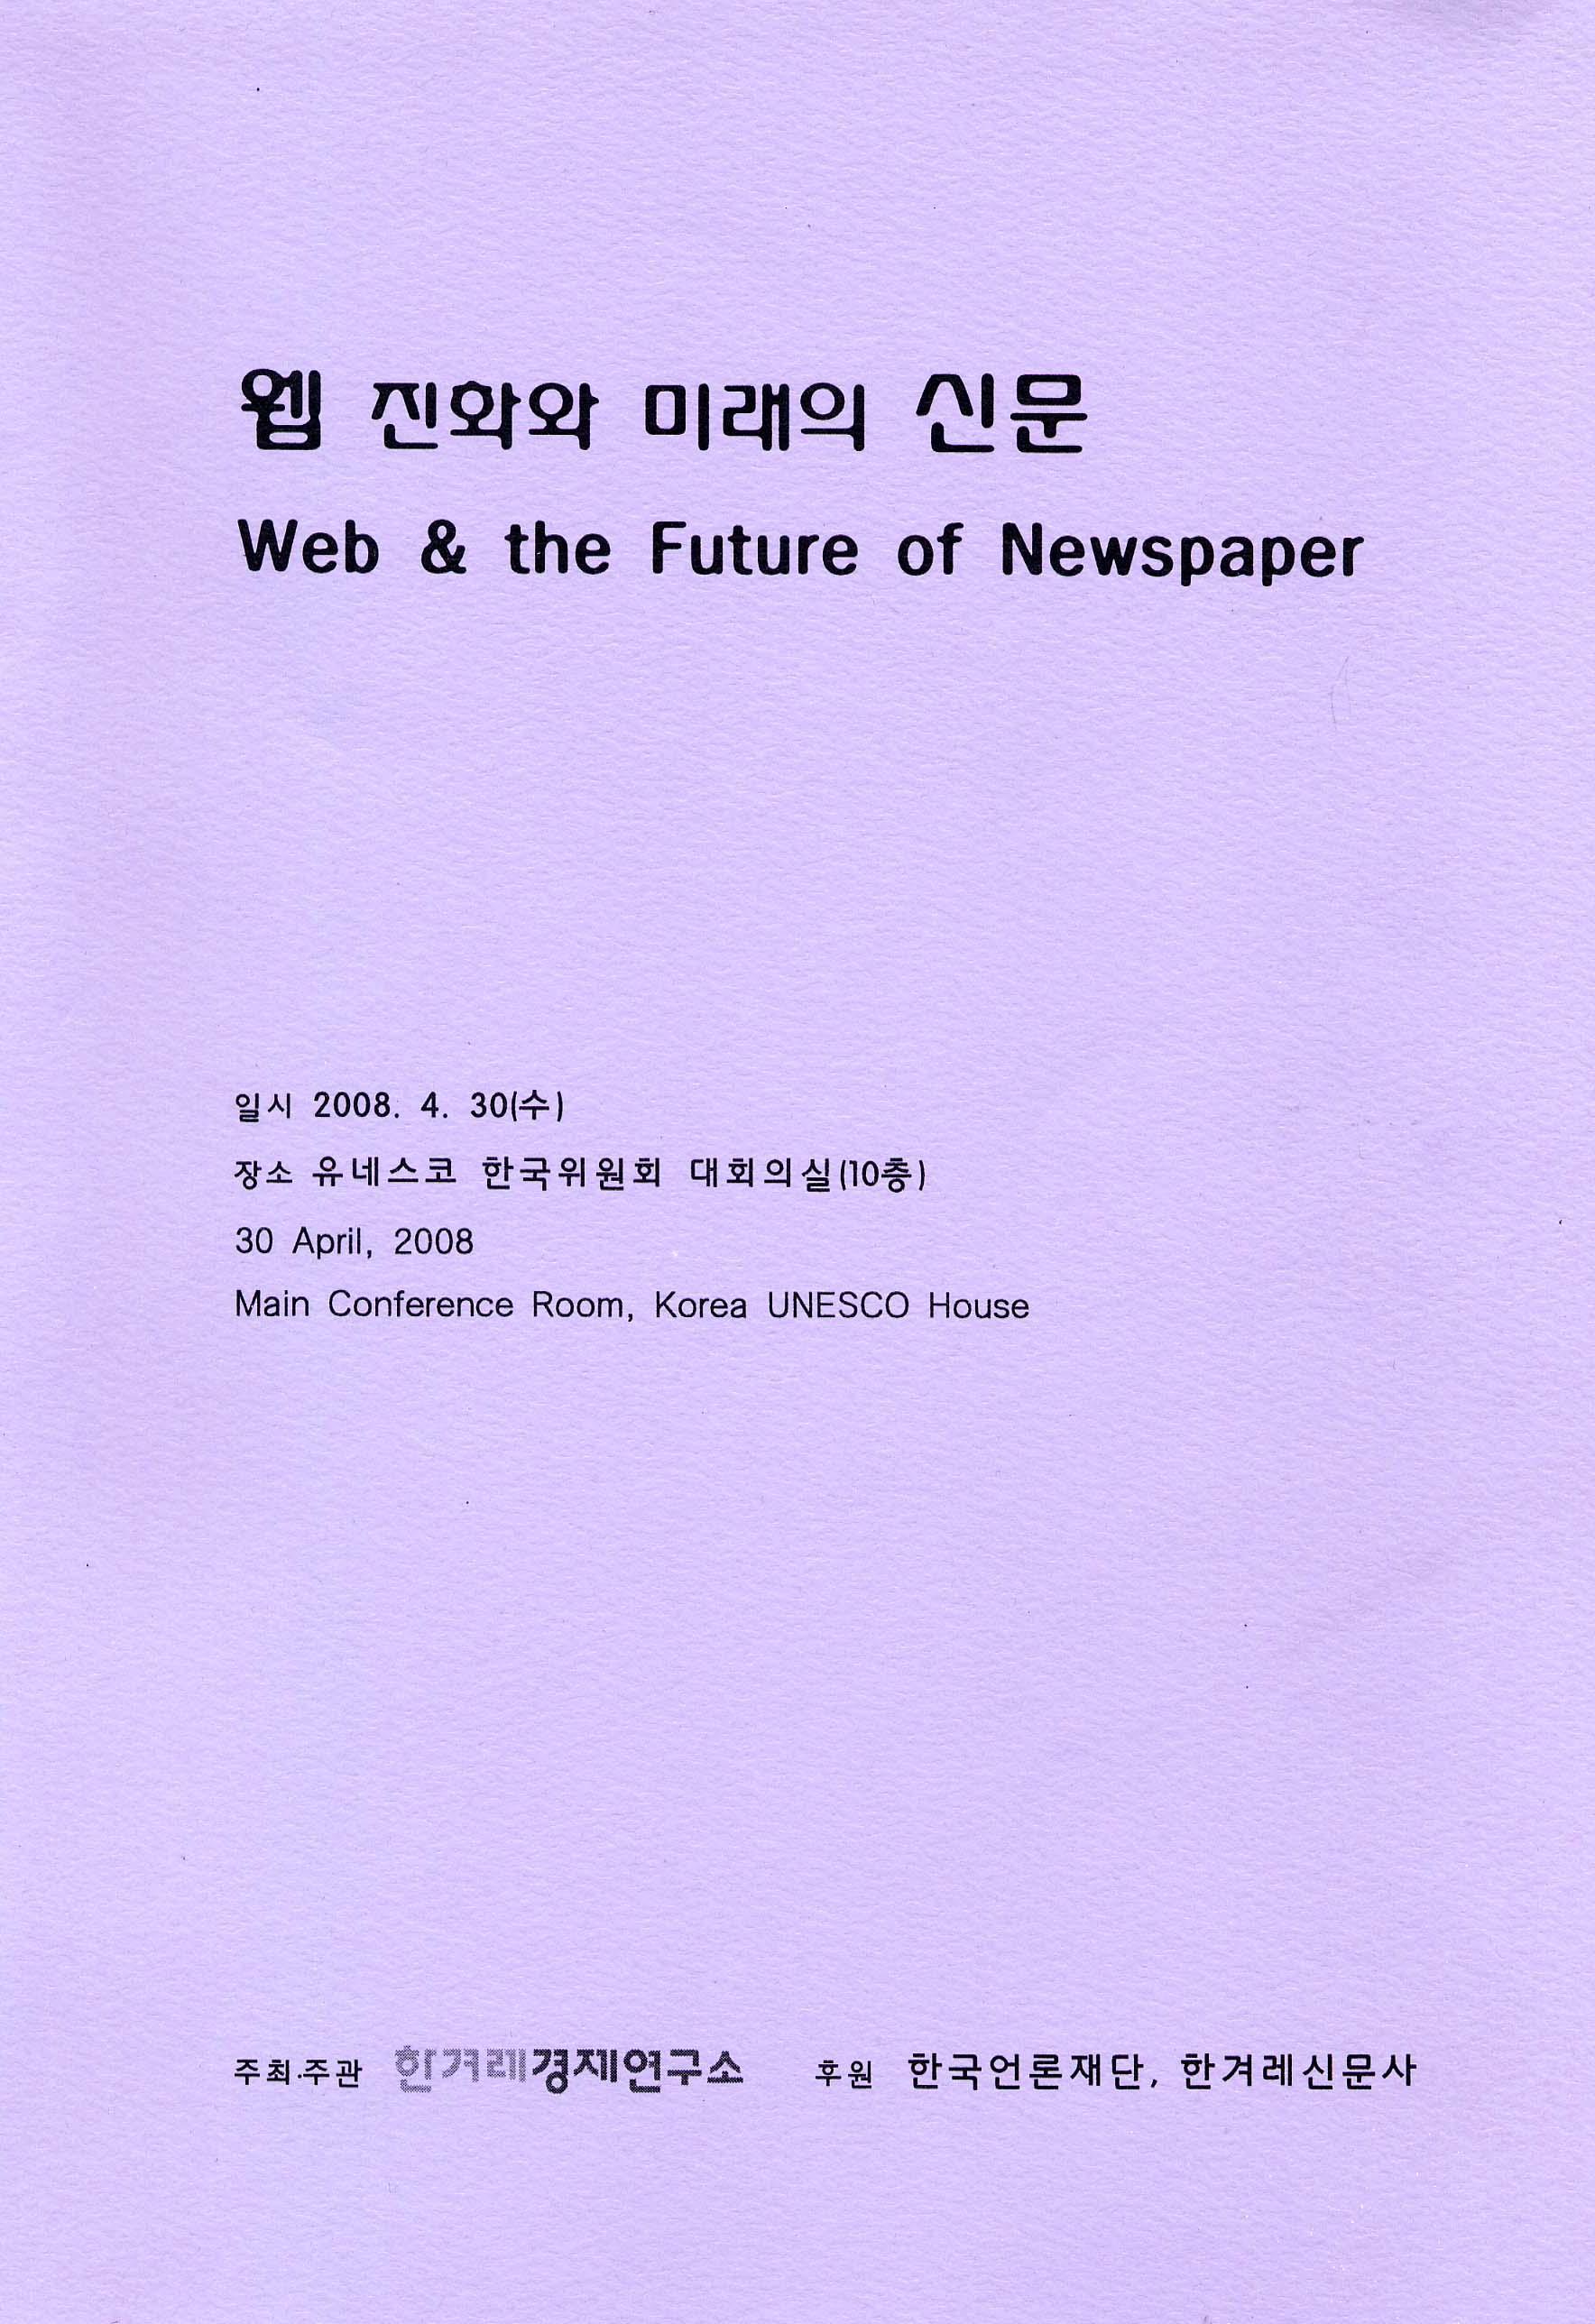 웹진화와미래의신문표지.jpg